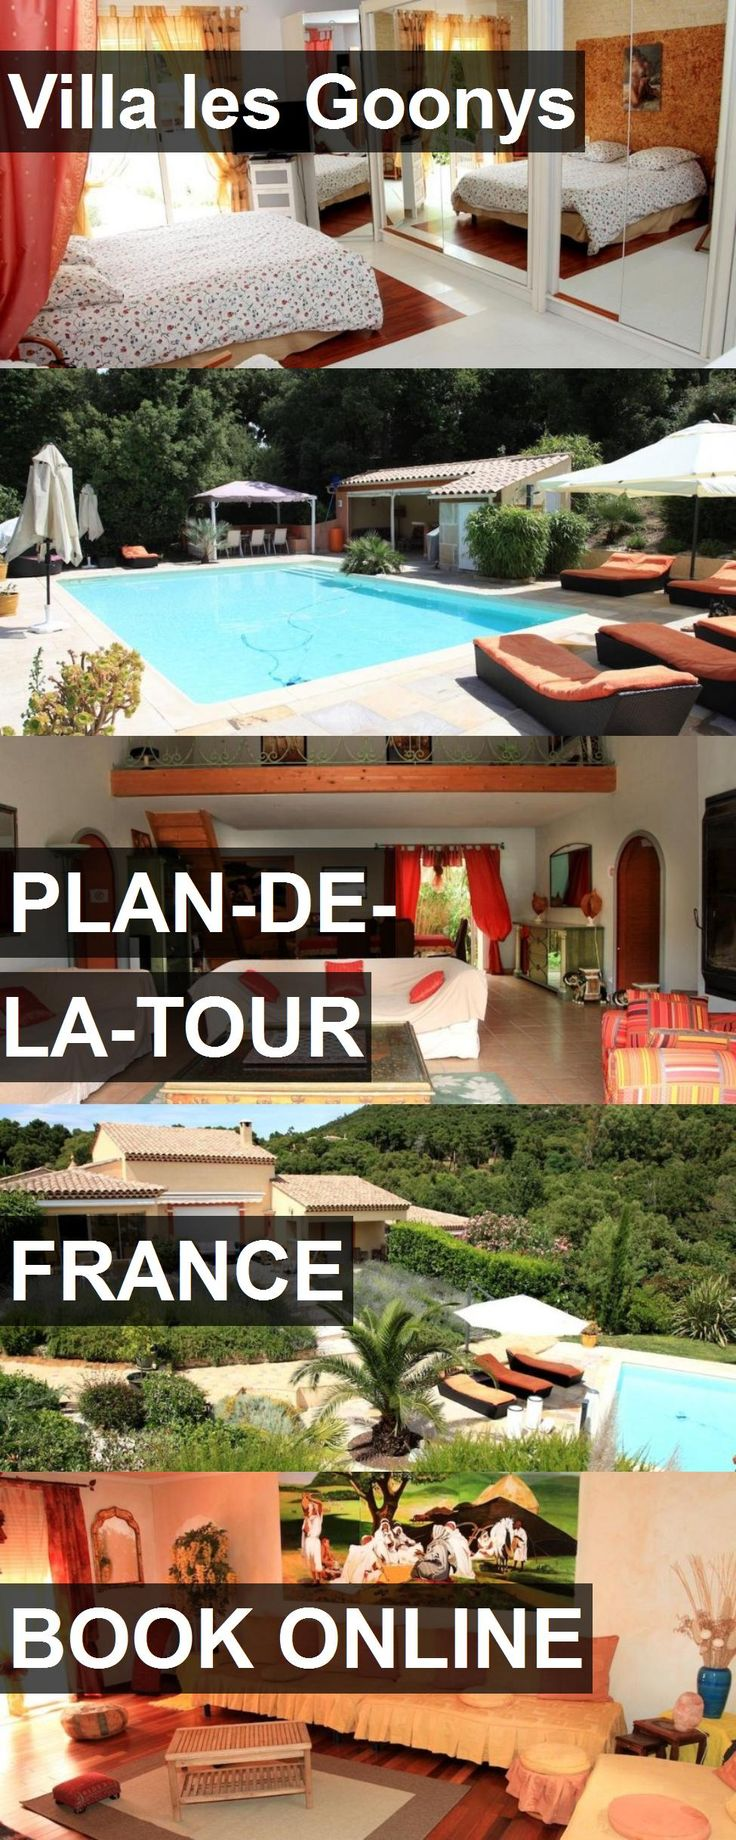 Hotel Villa les Goonys in Plan-de-la-Tour, France. For more information, photos, reviews and best prices please follow the link. #France #Plan-de-la-Tour #travel #vacation #hotel